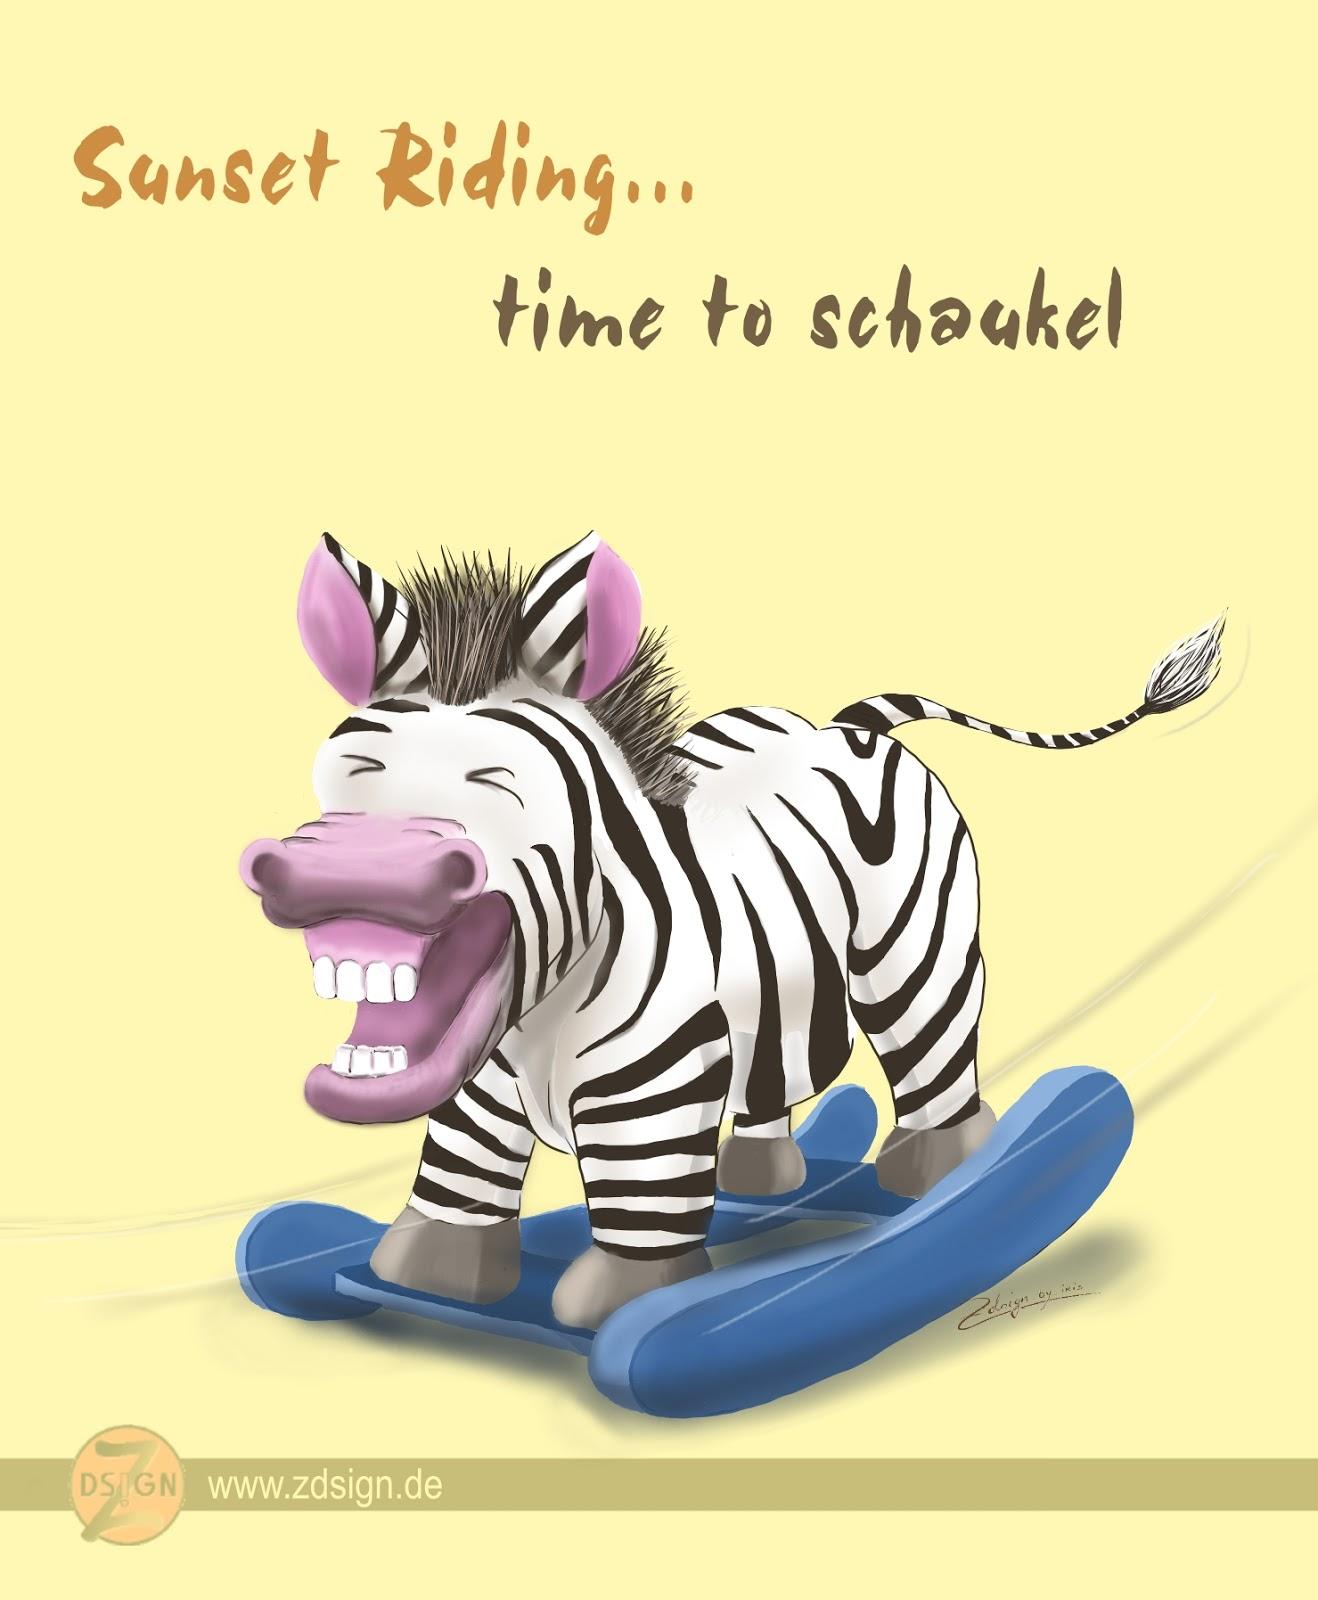 zebra-schaukelpferd-hat-viel-spass